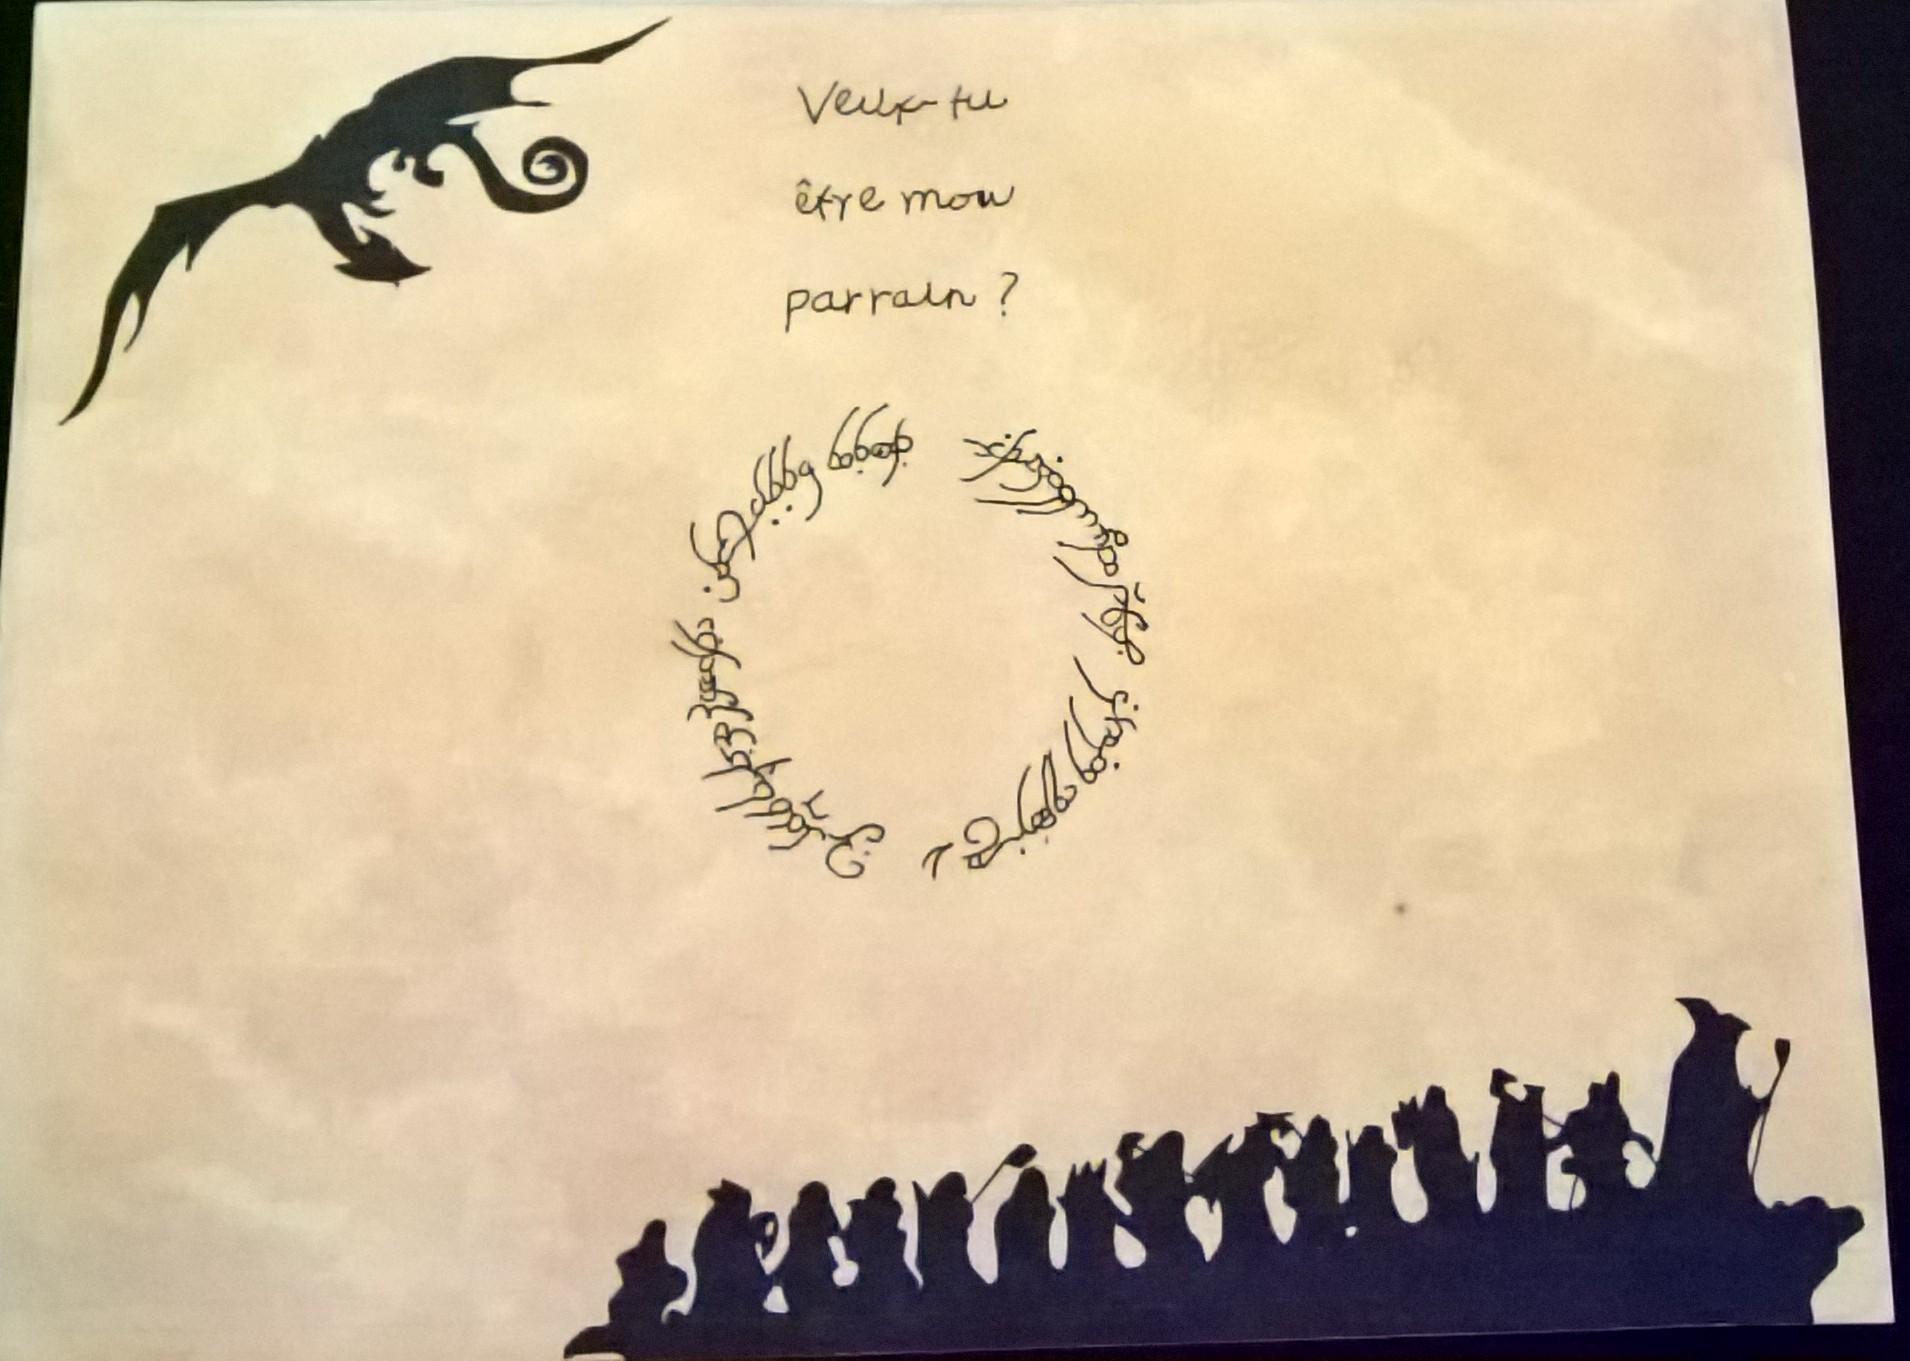 Demande parrain/marraine thème le hobbit - contrat de bilbon 17051501474991490